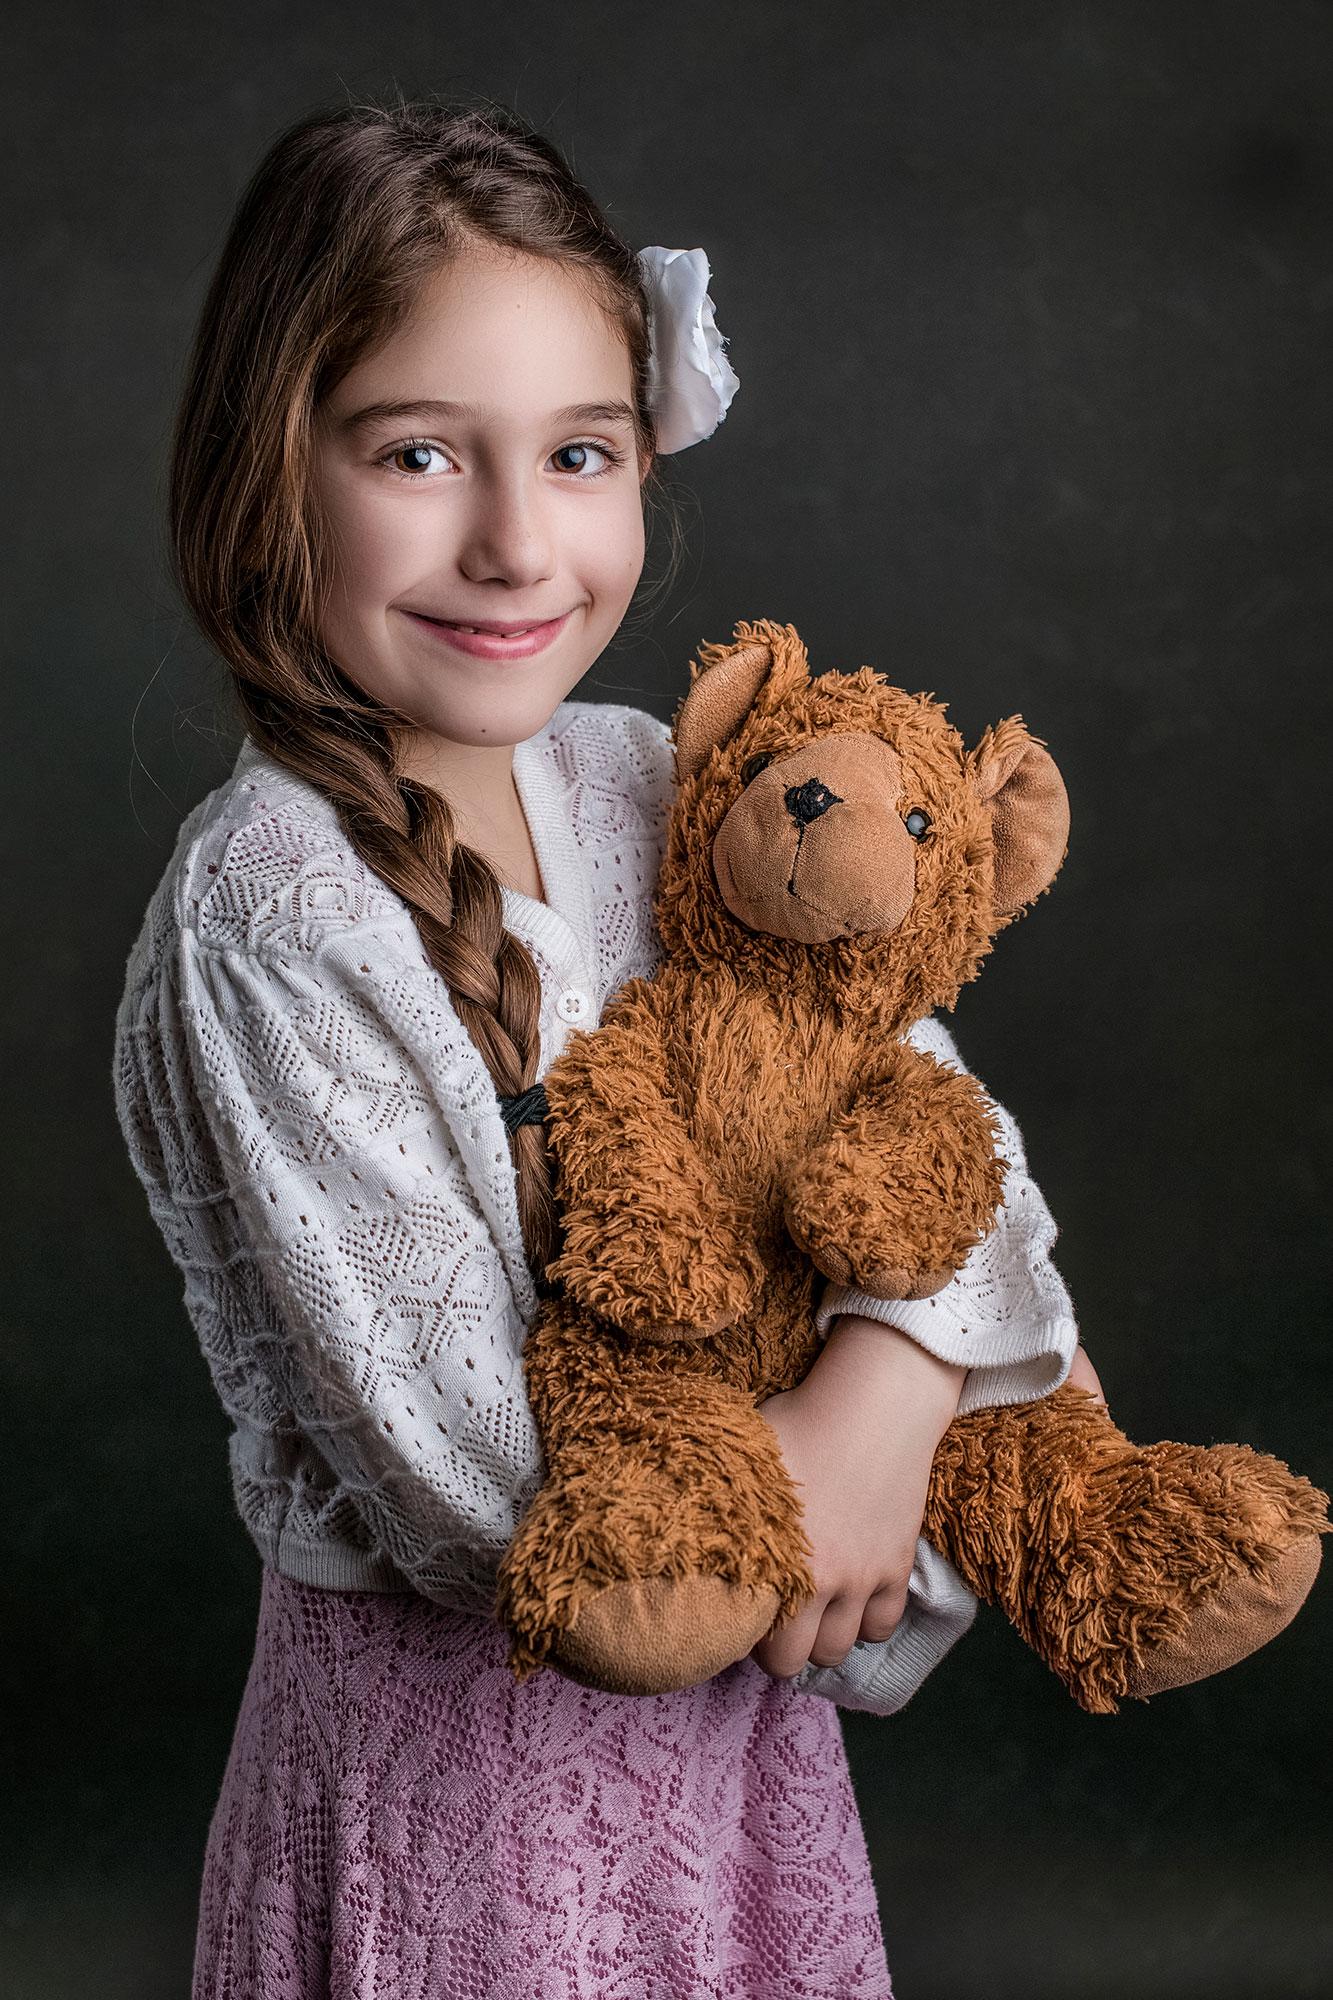 PORTRÉFOTÓZÁS: Gyerek fotózás Budapest